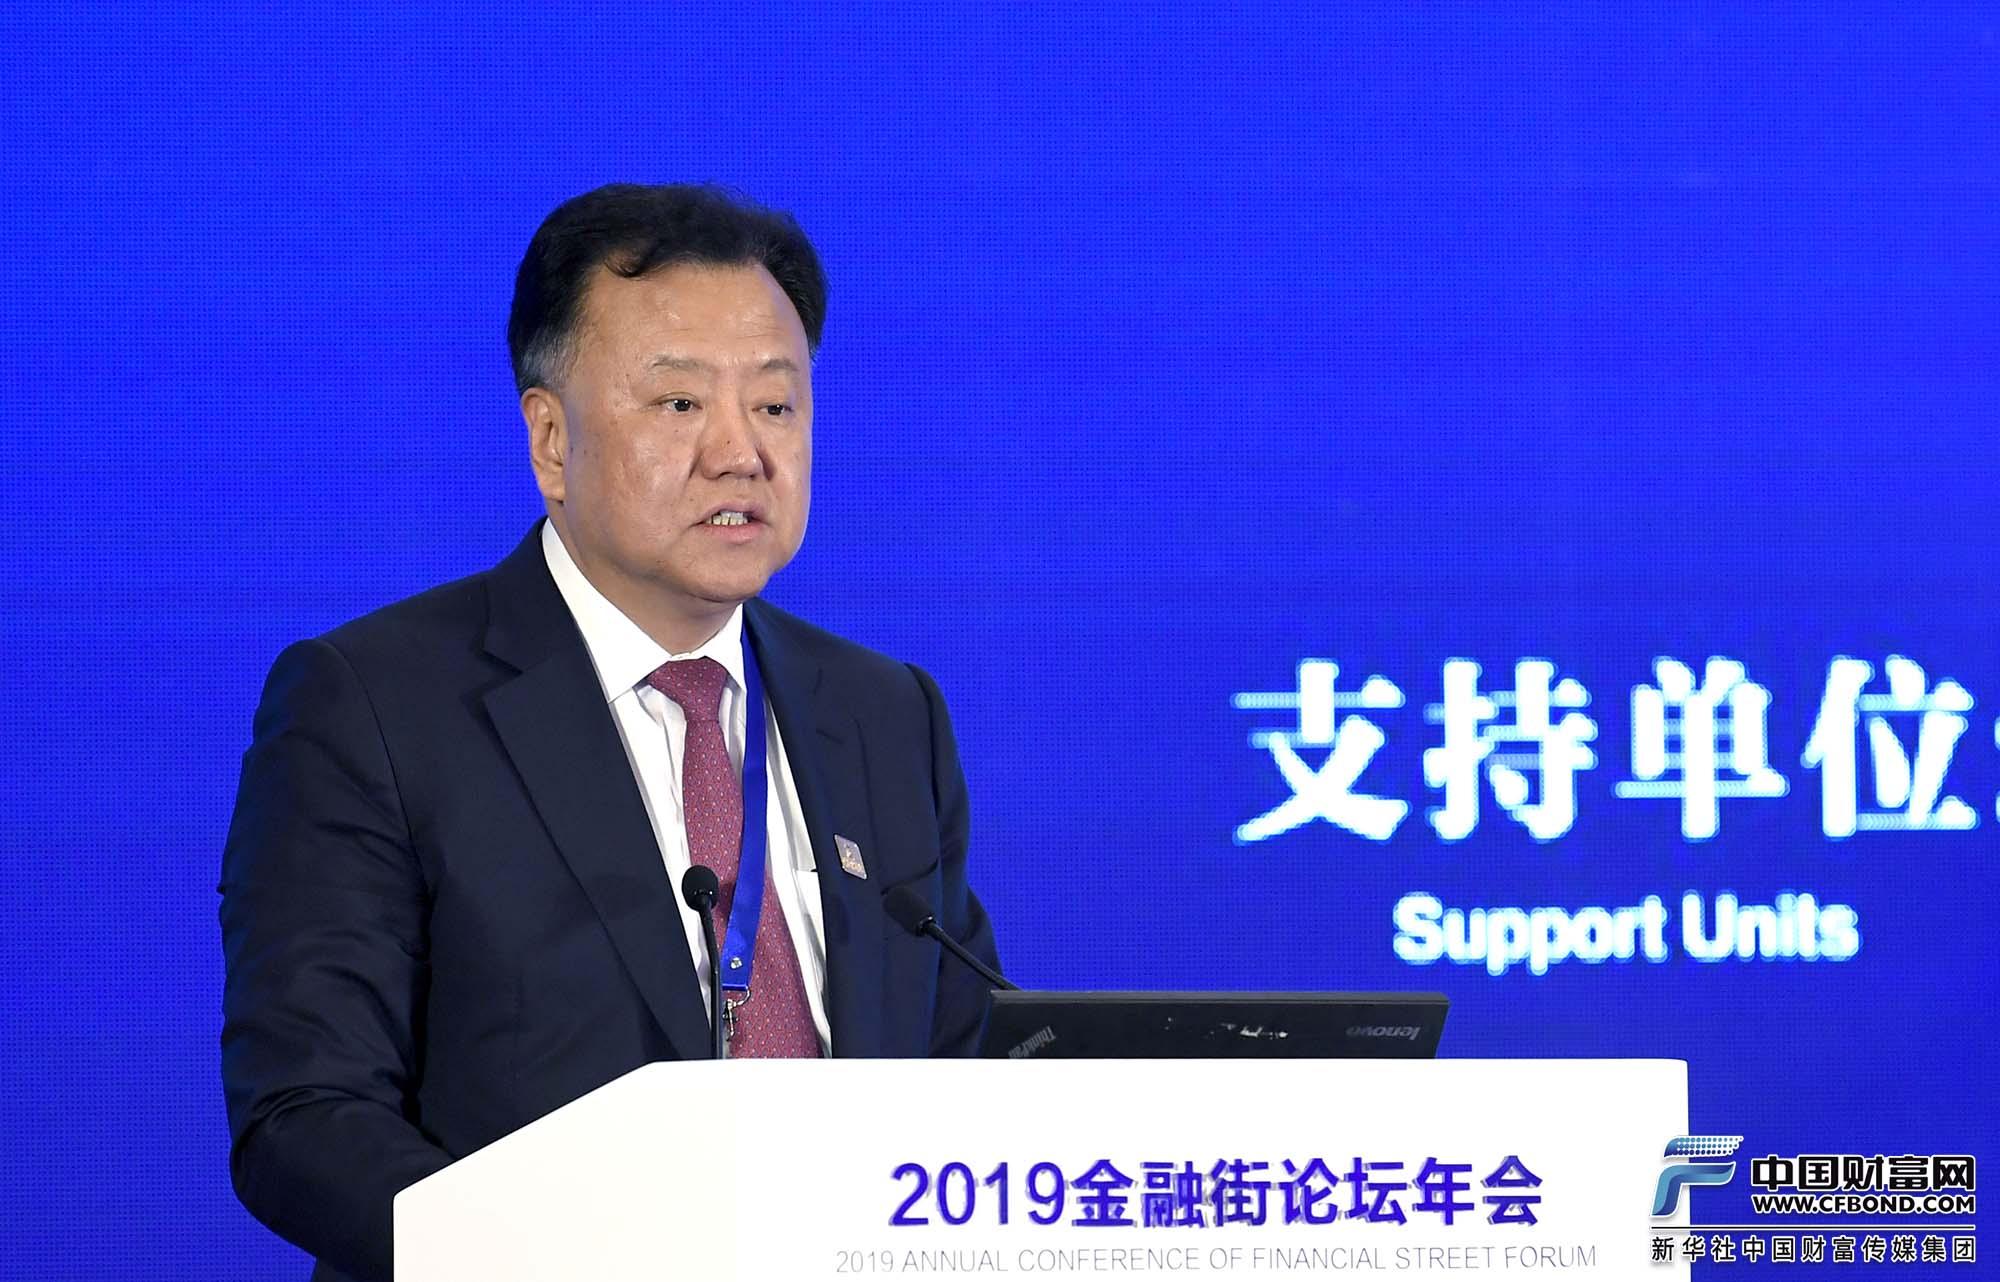 发言嘉宾:中国证监会副主席阎庆民